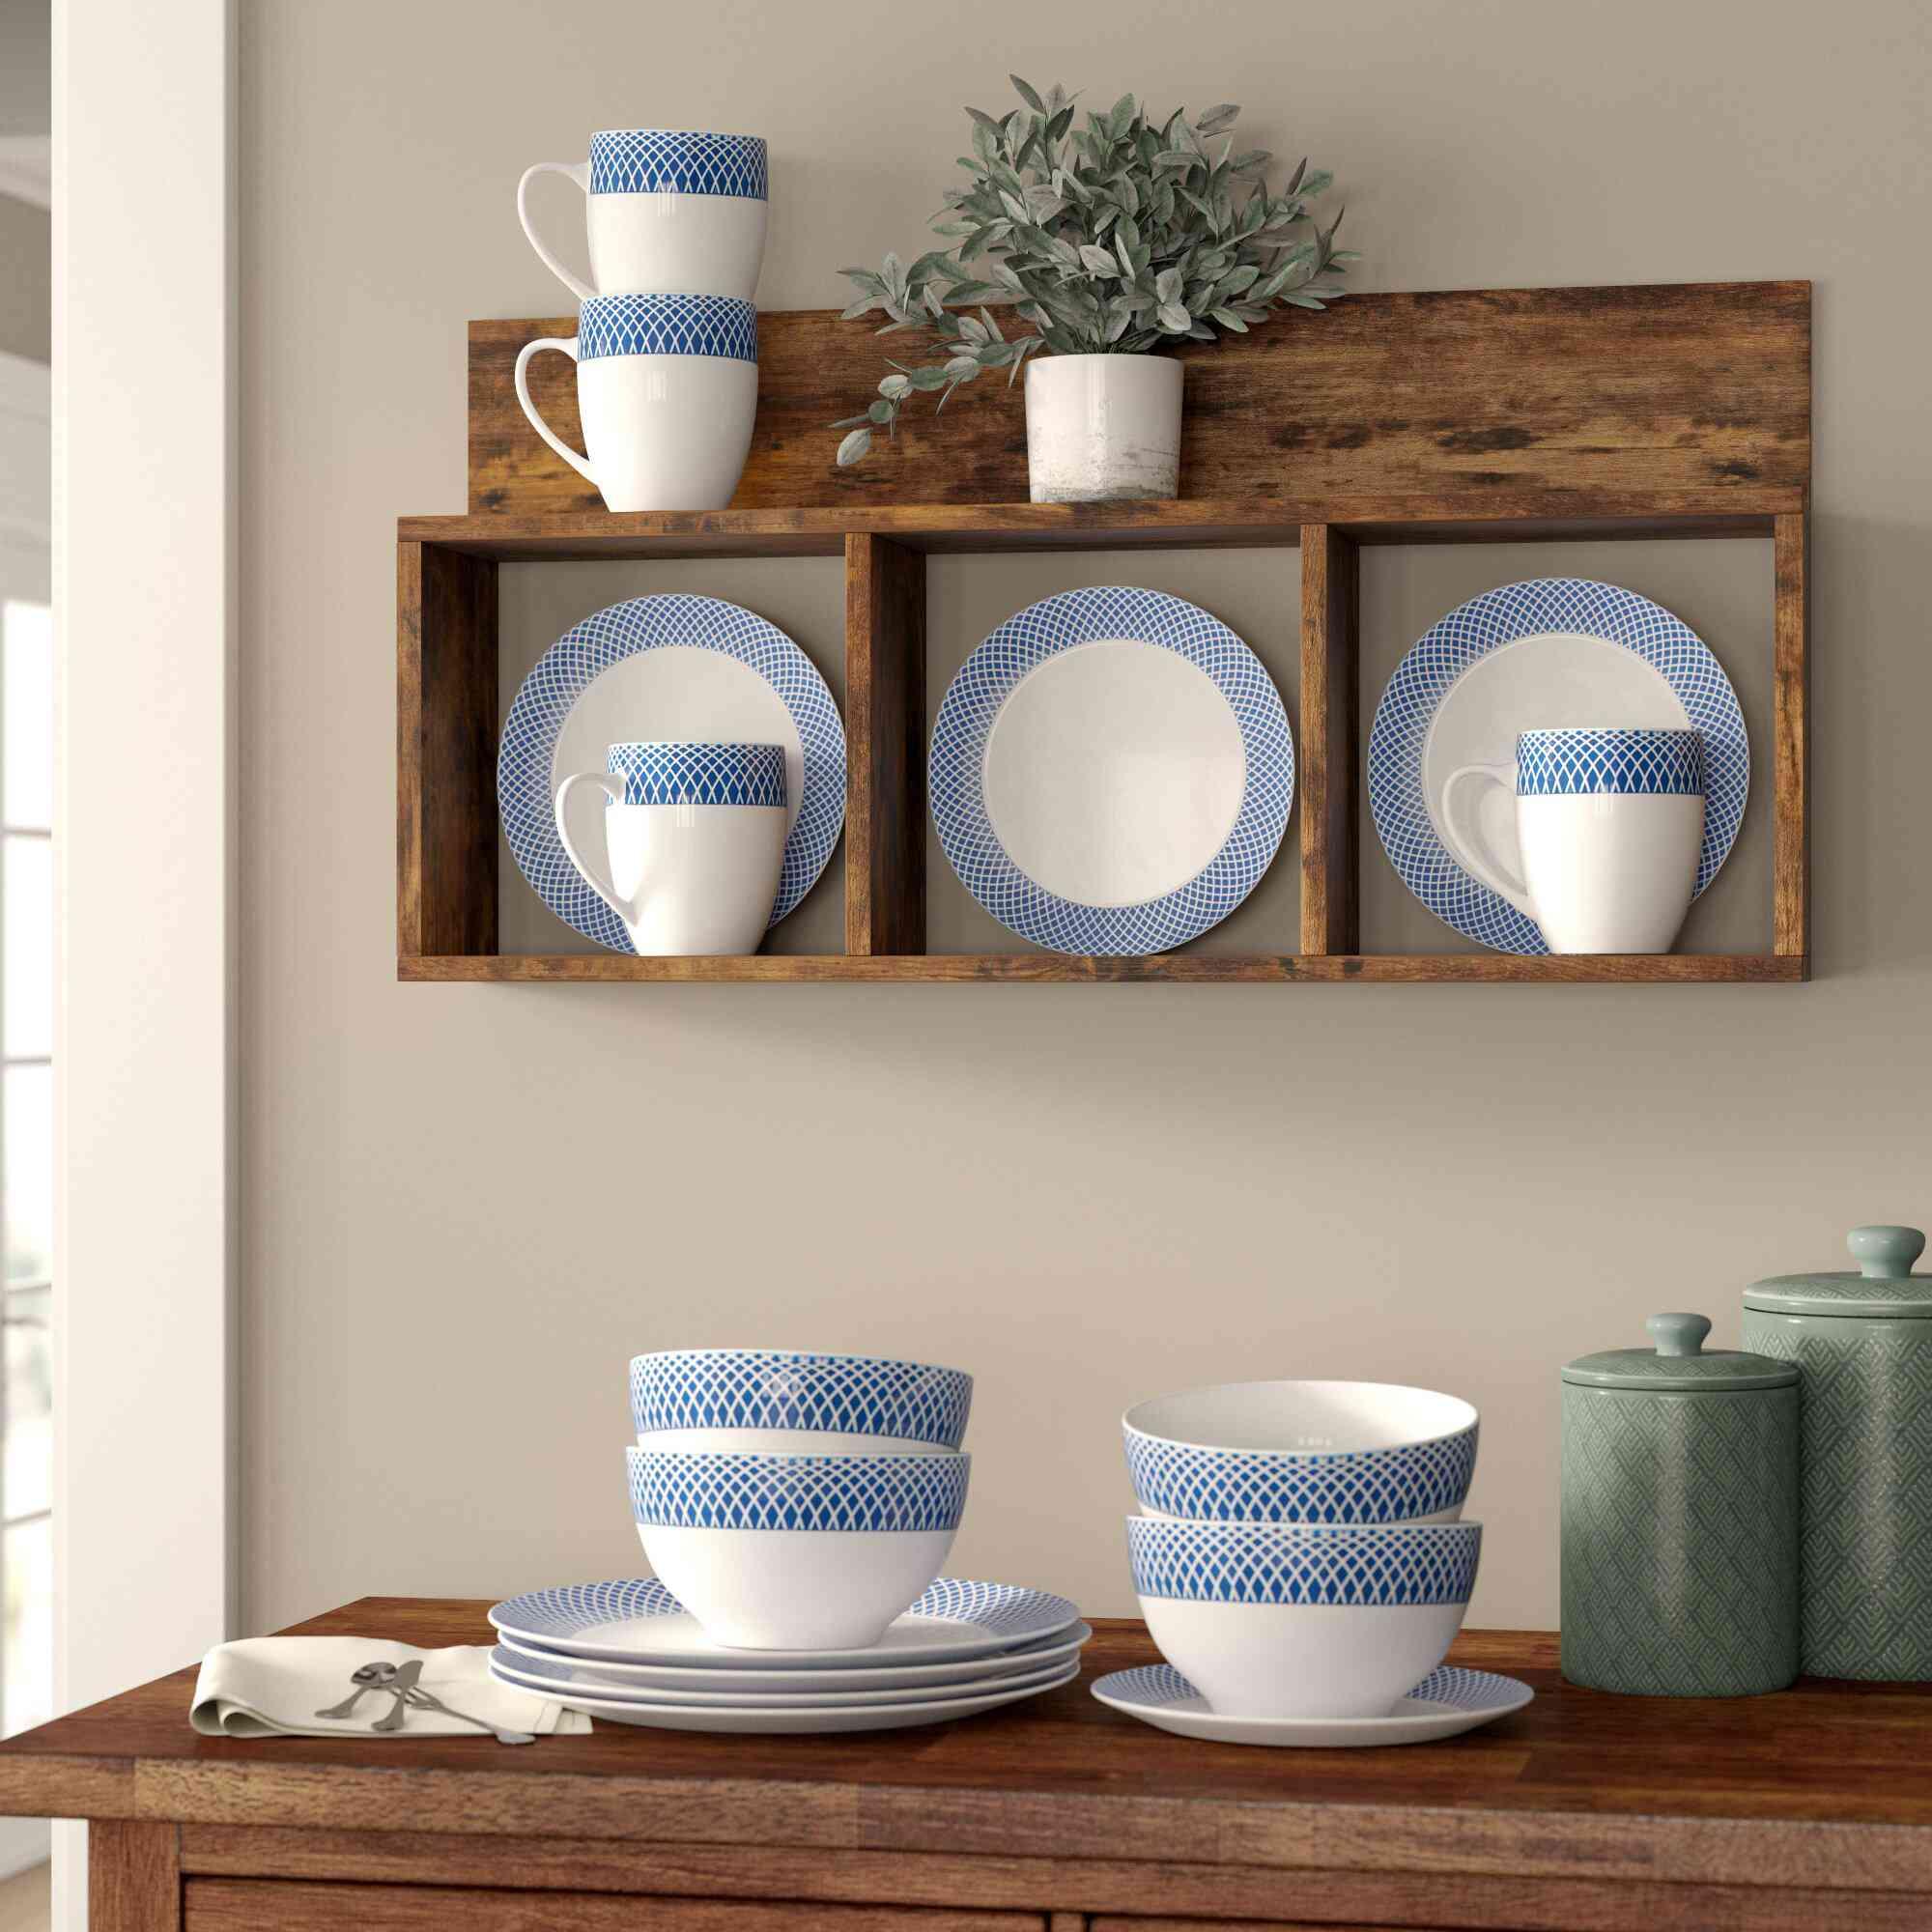 briseno-dinnerware-set